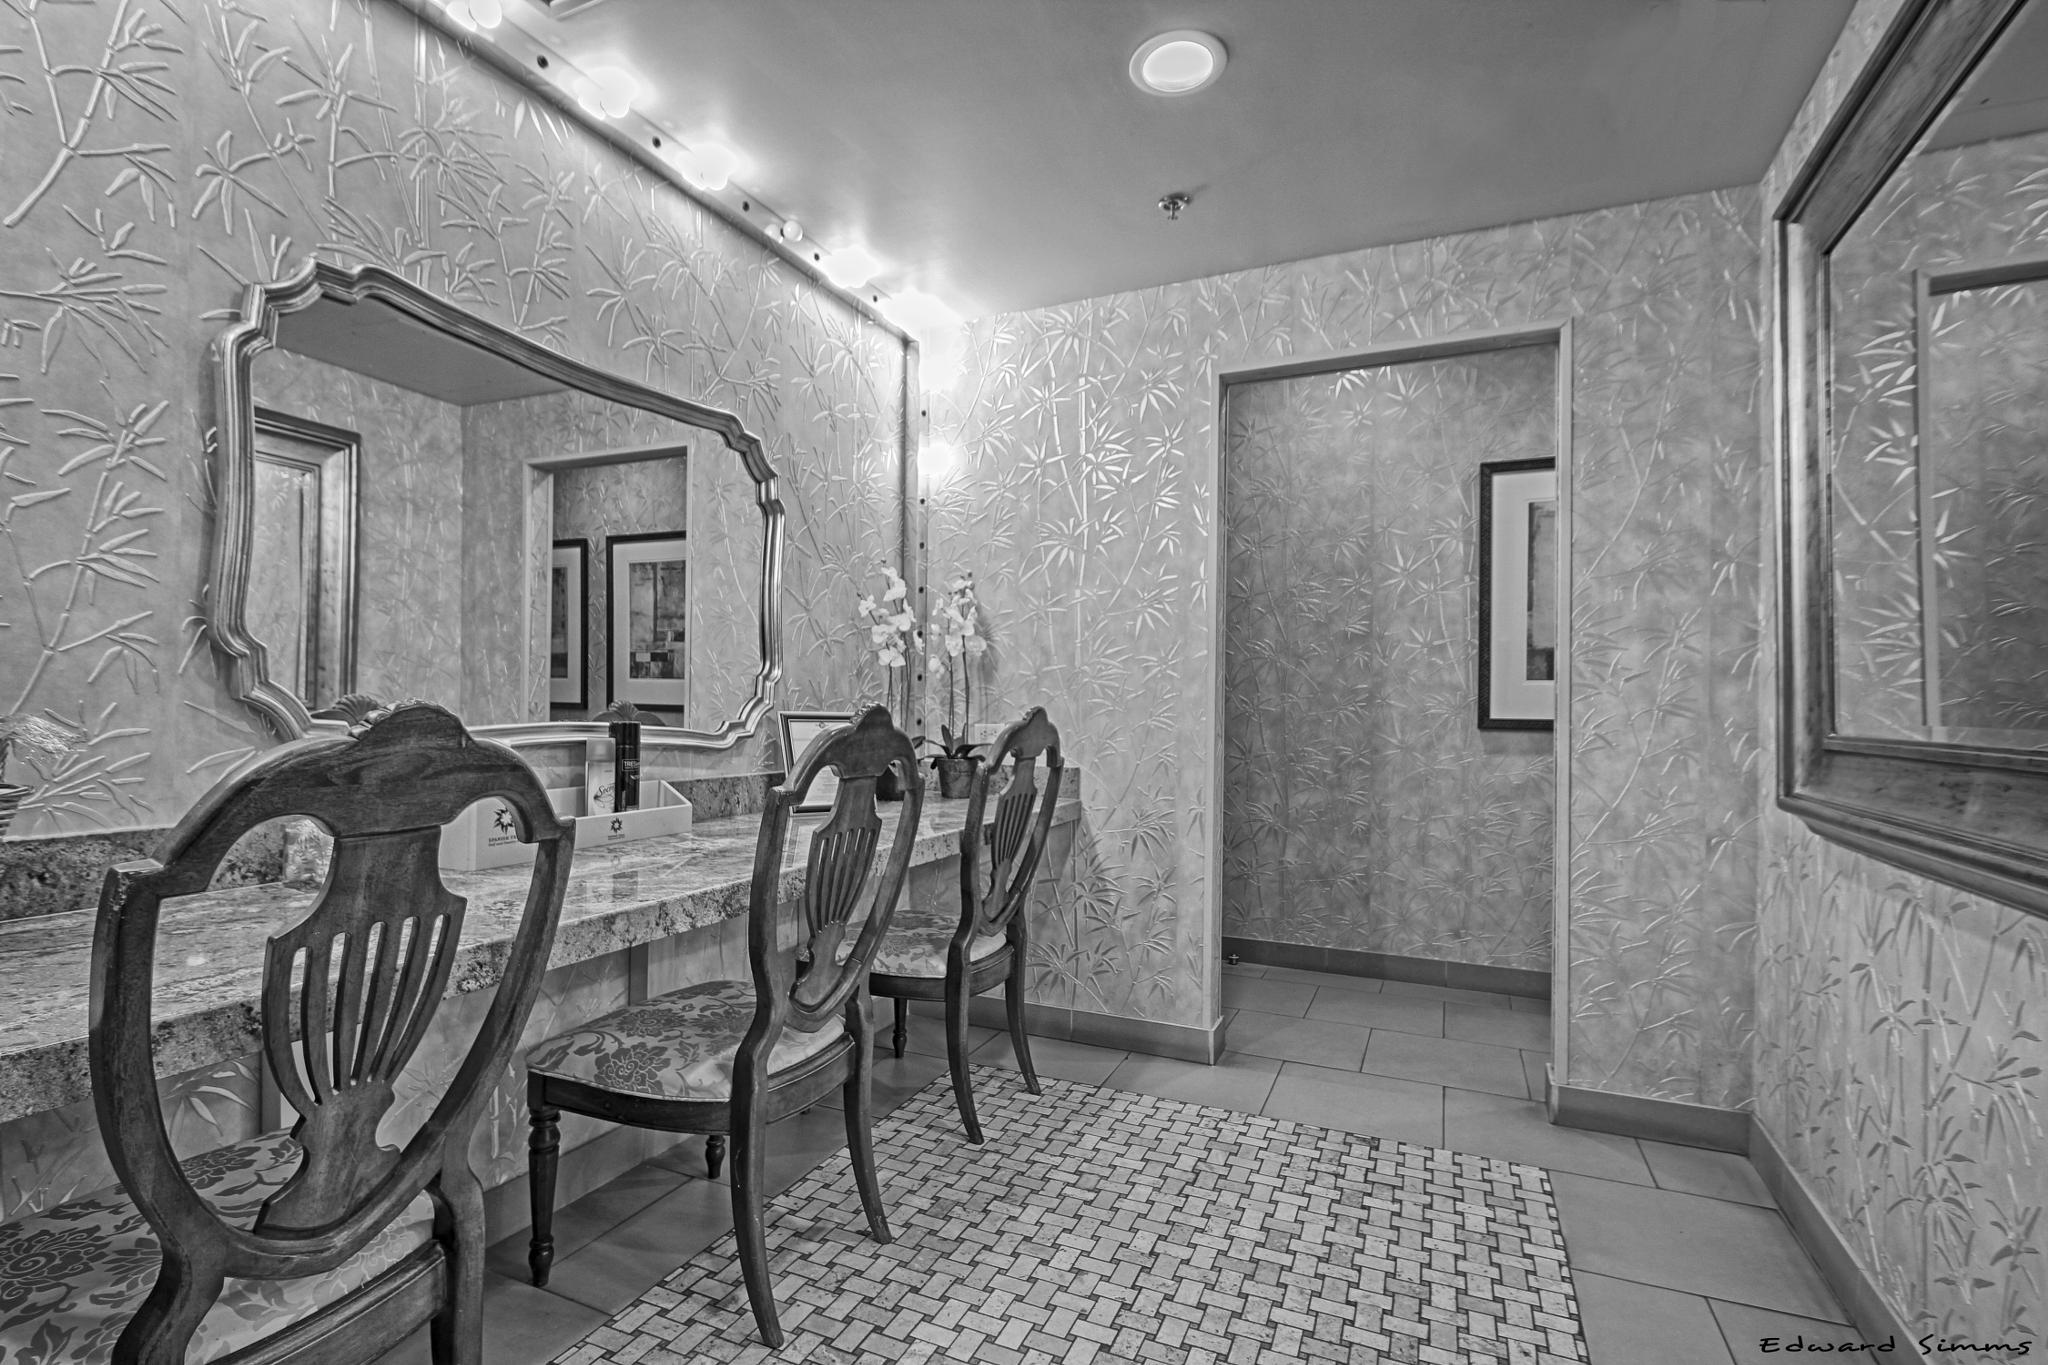 Vanity Room by Edward Simms